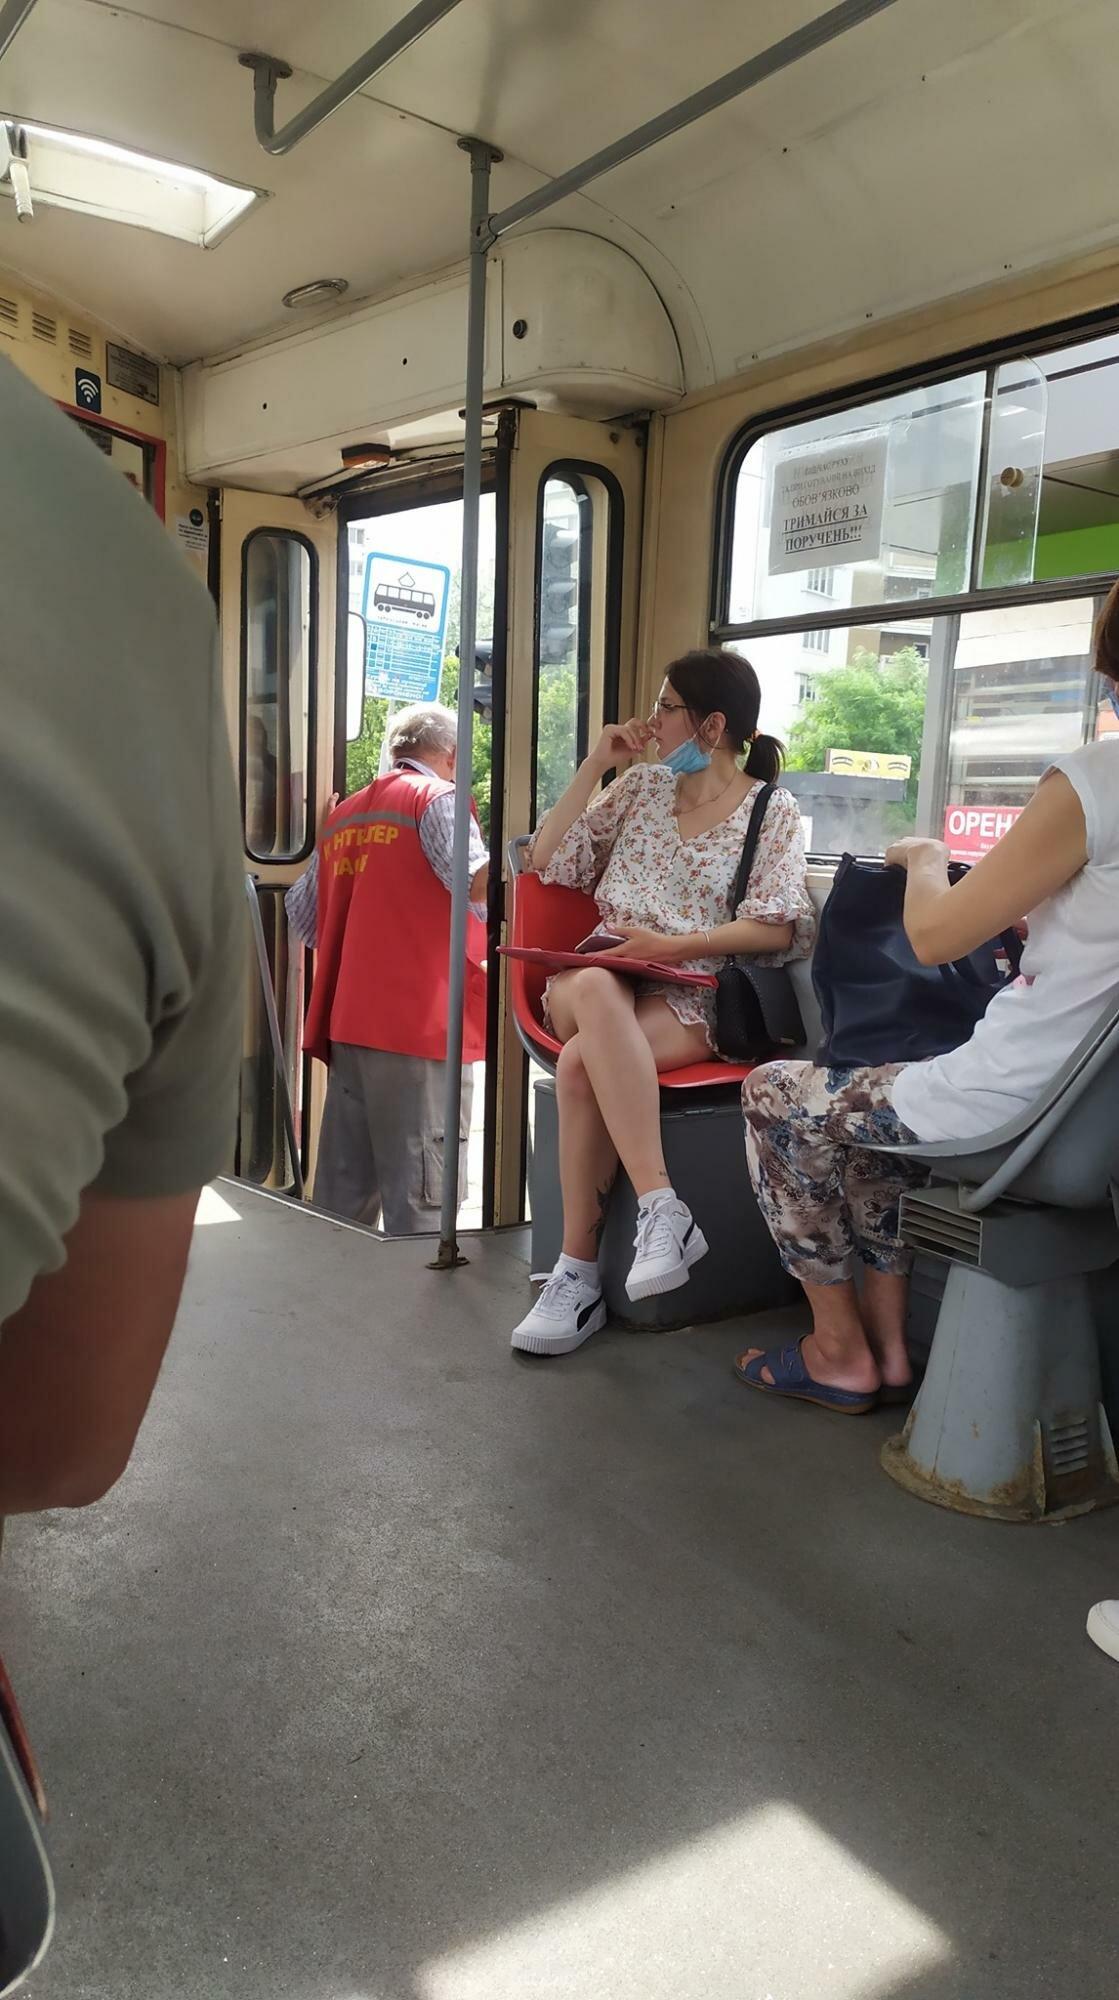 В Киеве водитель трамвая лишился чувств прямо во время движения: в кабине было +47